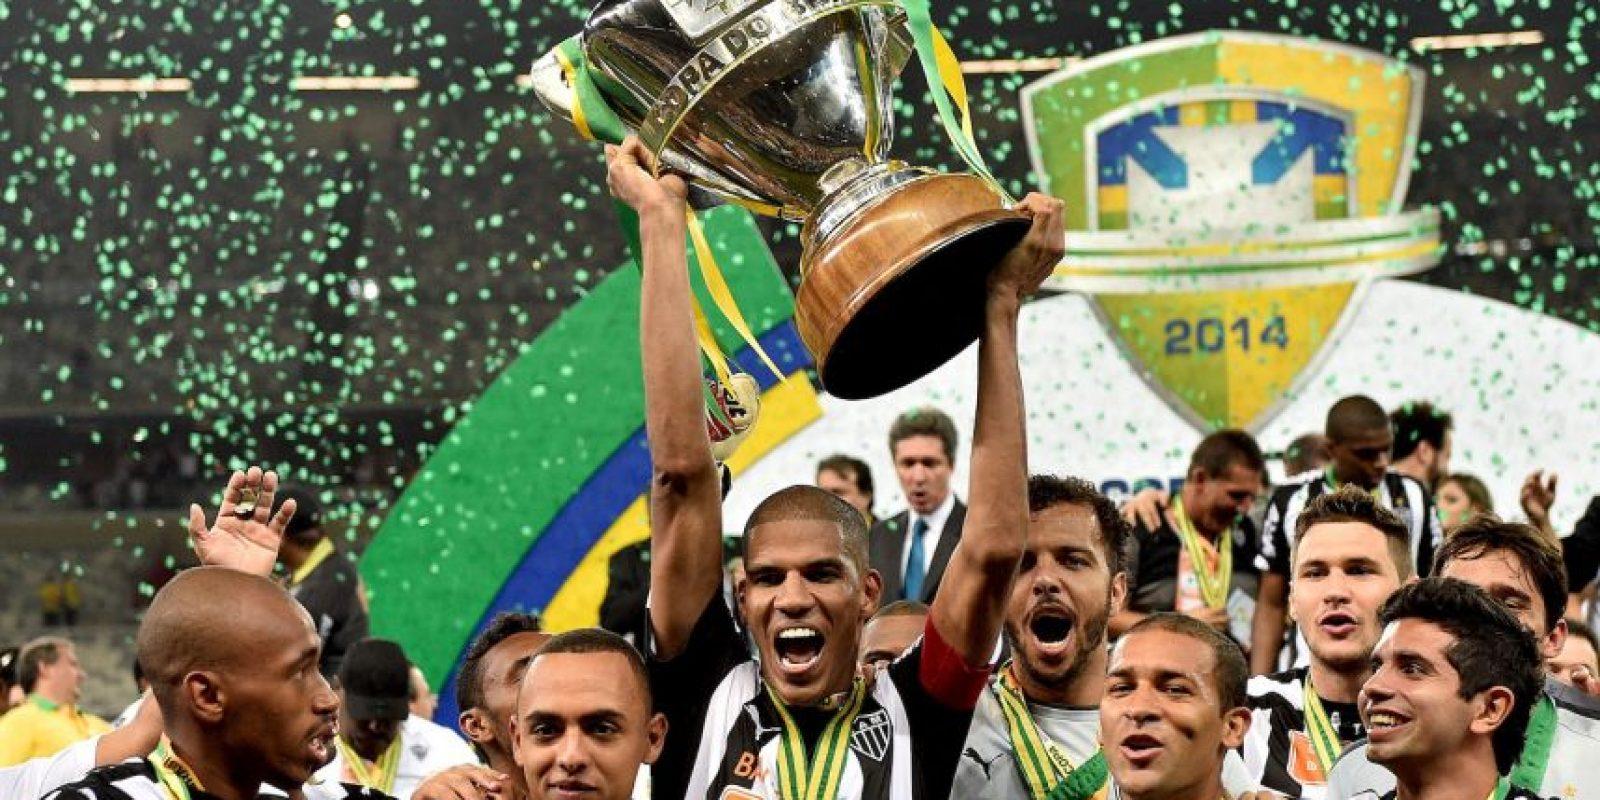 """El """"Gallo"""" fue campeón de la Libertadores en 2013 y ganó la Recopa en 2014 Foto:Getty Images"""